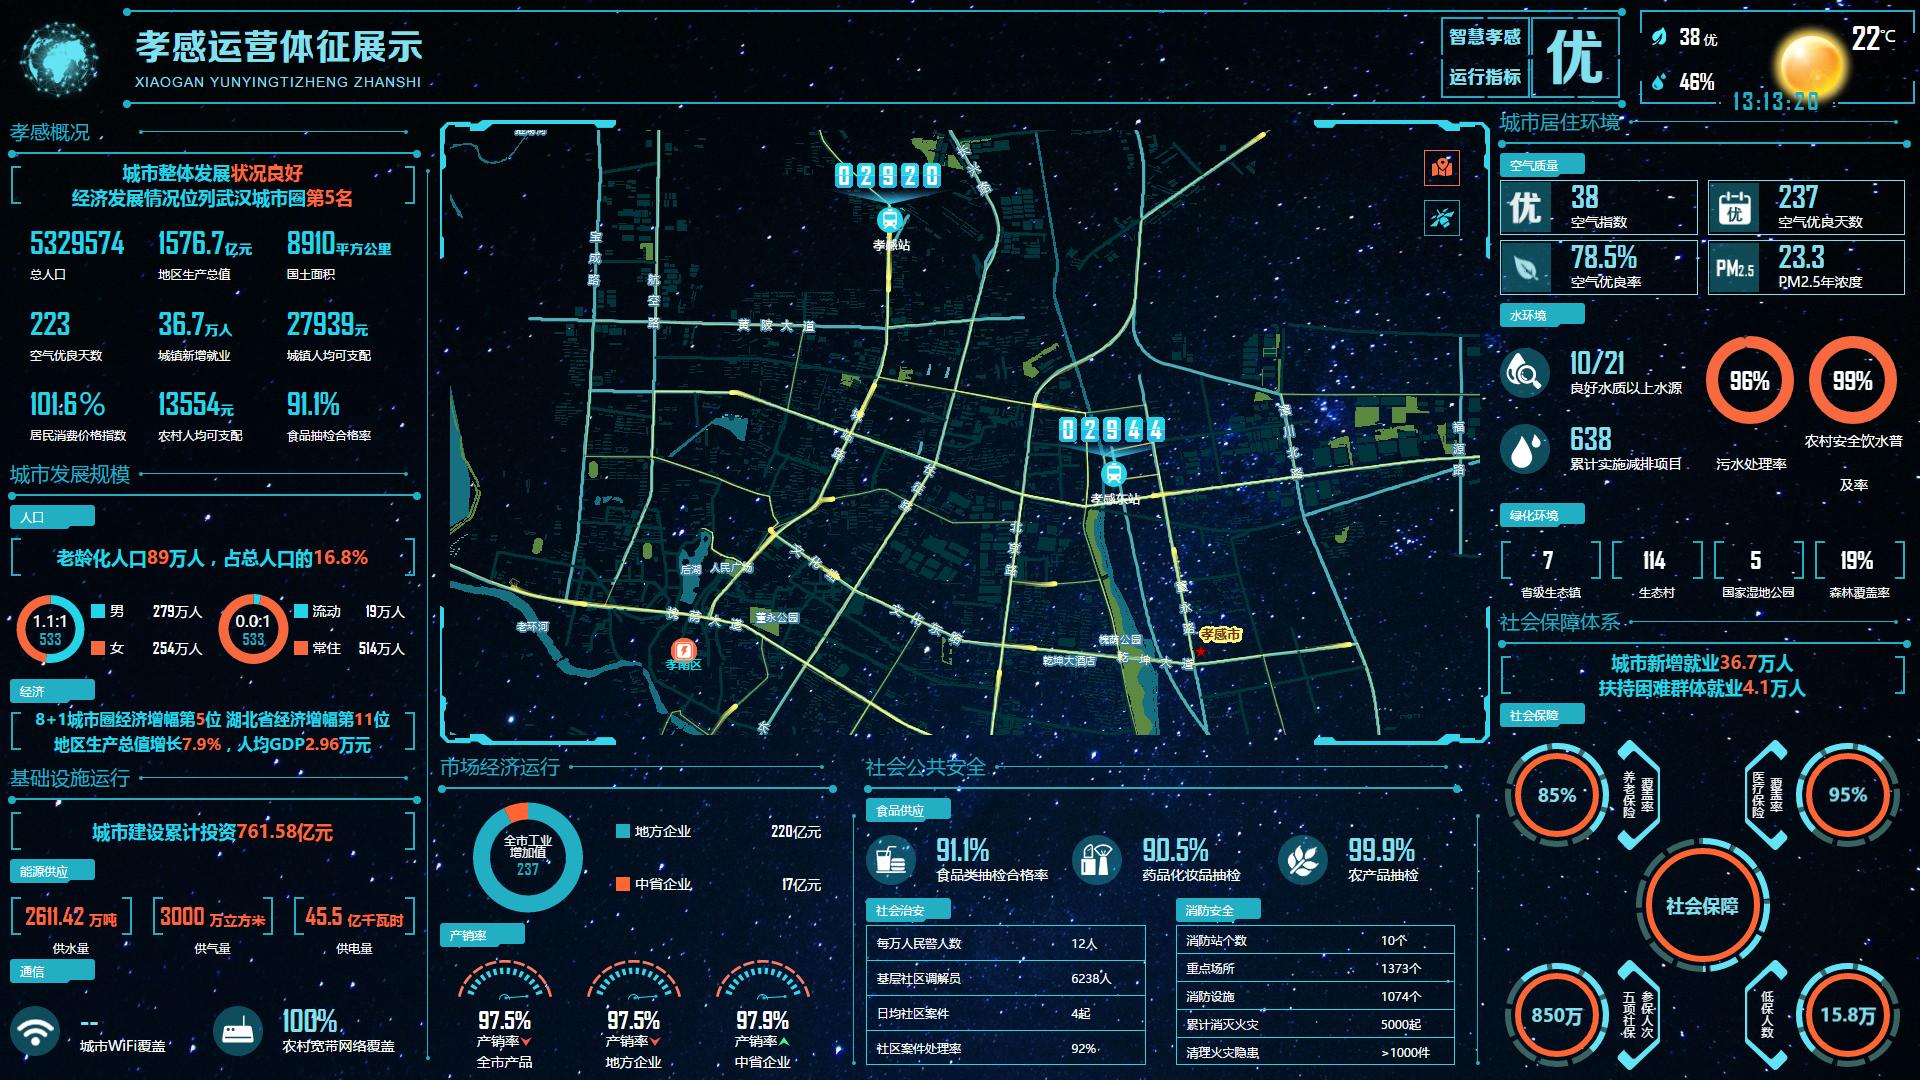 智慧城市-智慧孝感體征展示主界面